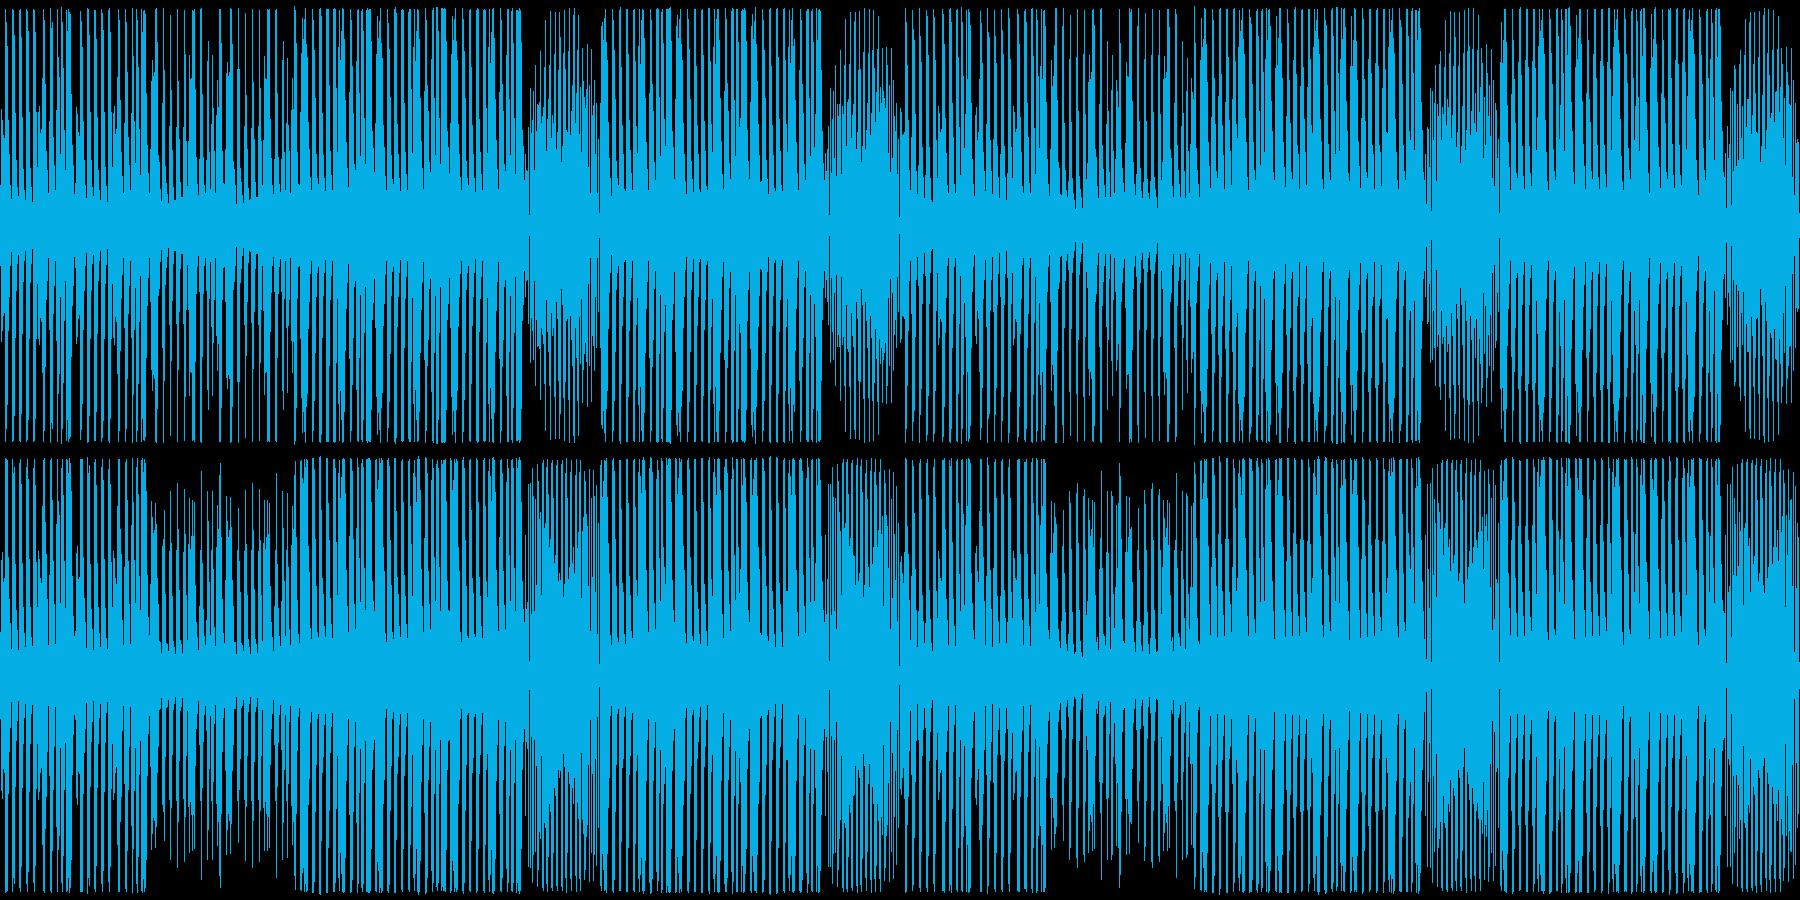 【緊迫感のあるピアノポップス】の再生済みの波形